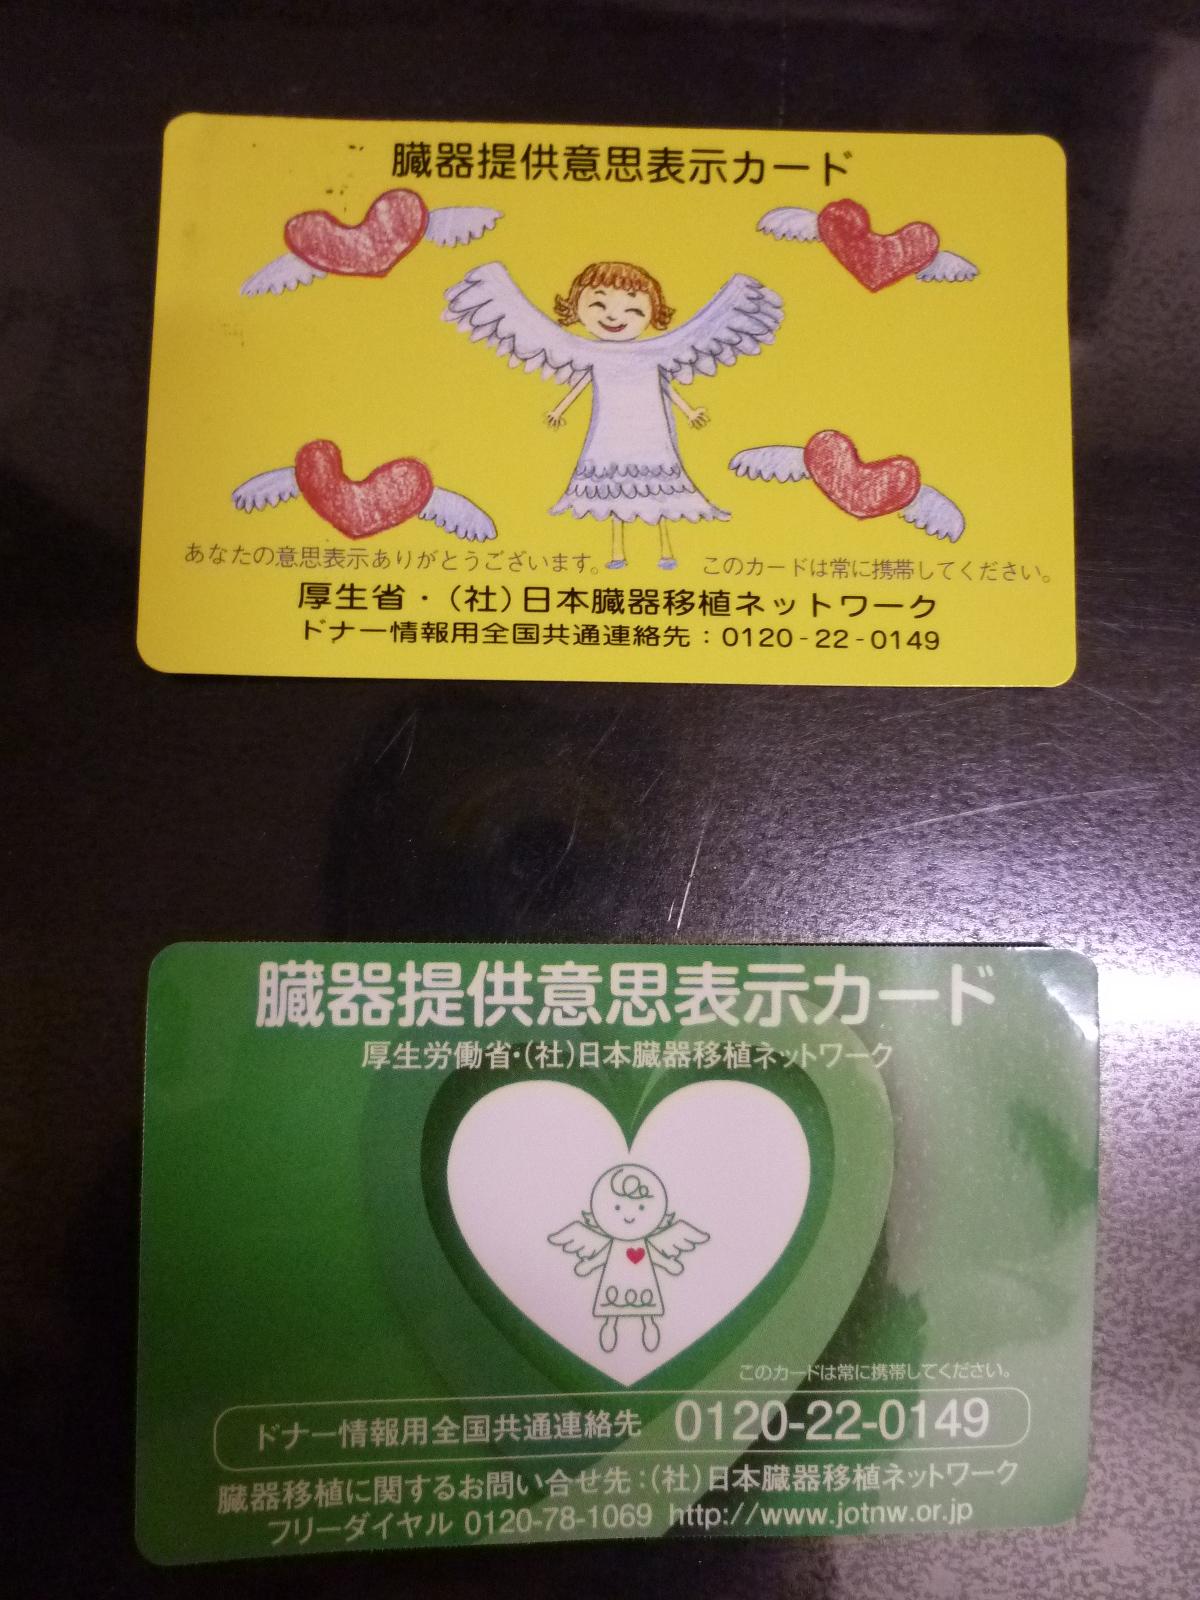 提供 カード 表示 臓器 意思